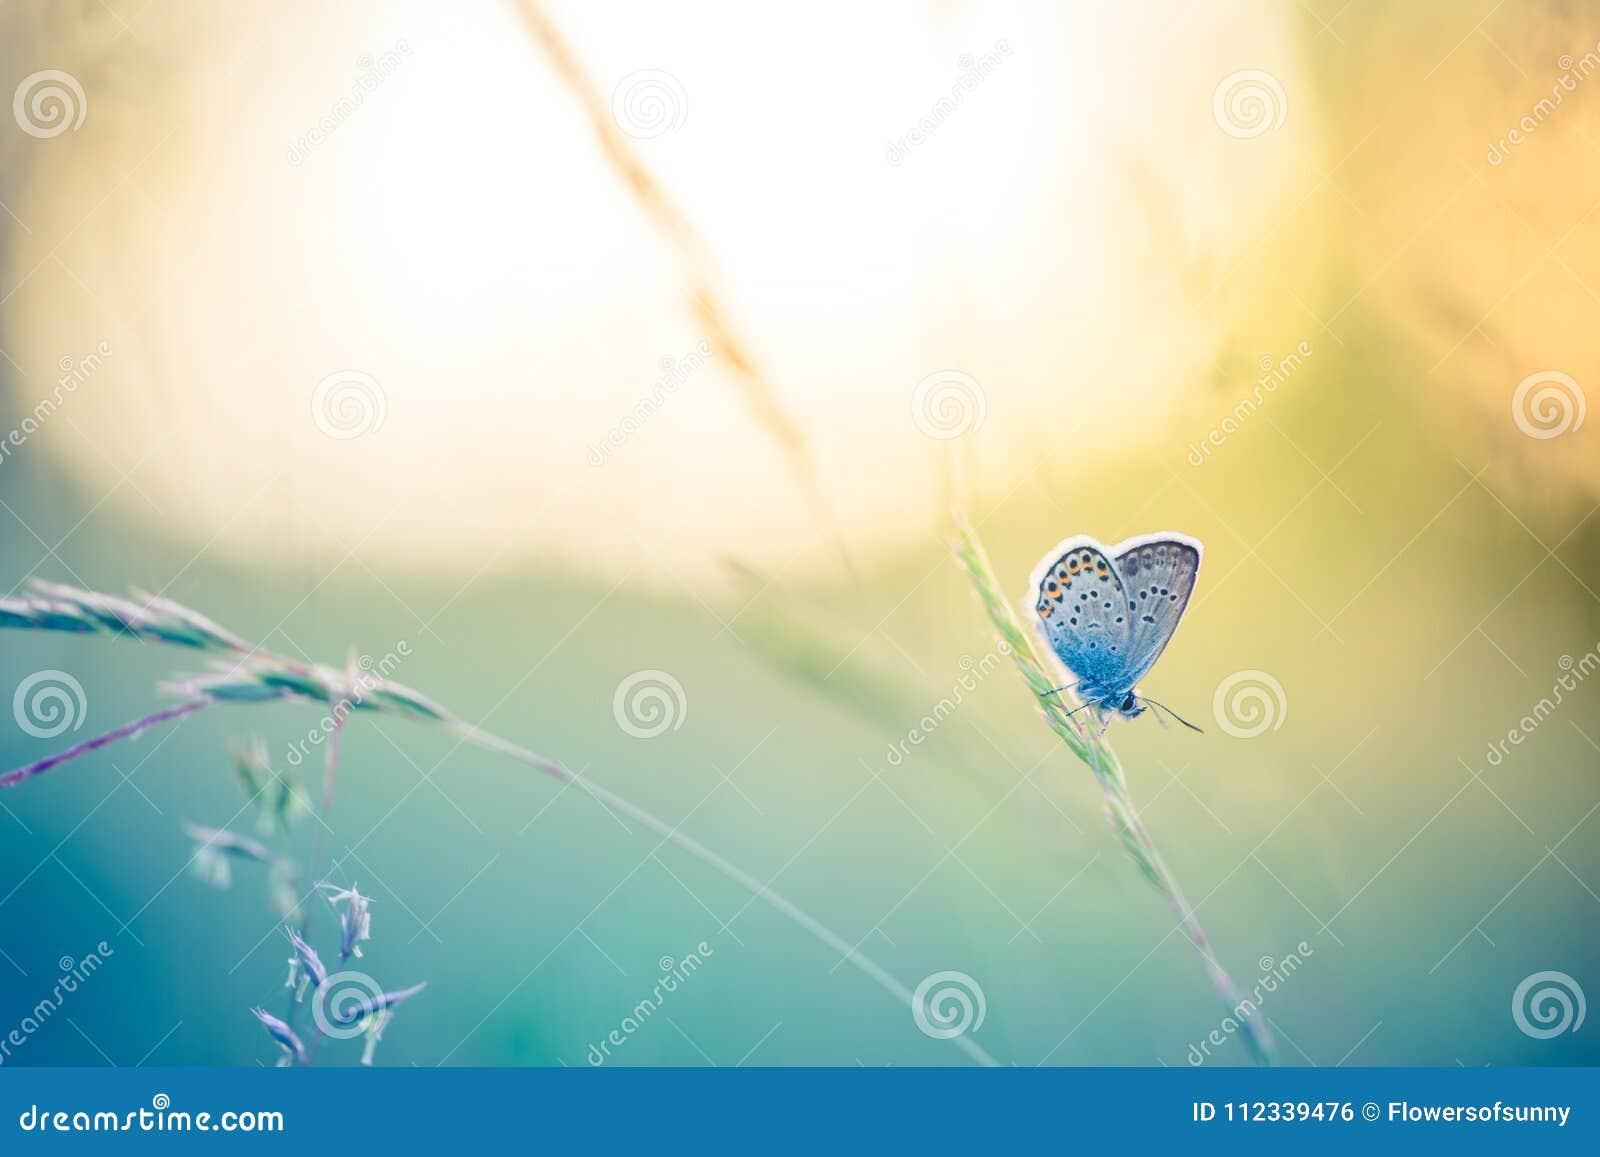 Όμορφη κινηματογράφηση σε πρώτο πλάνο φύσης, θερινά λουλούδια και πεταλούδα κάτω από το φως του ήλιου Ήρεμο υπόβαθρο φύσης